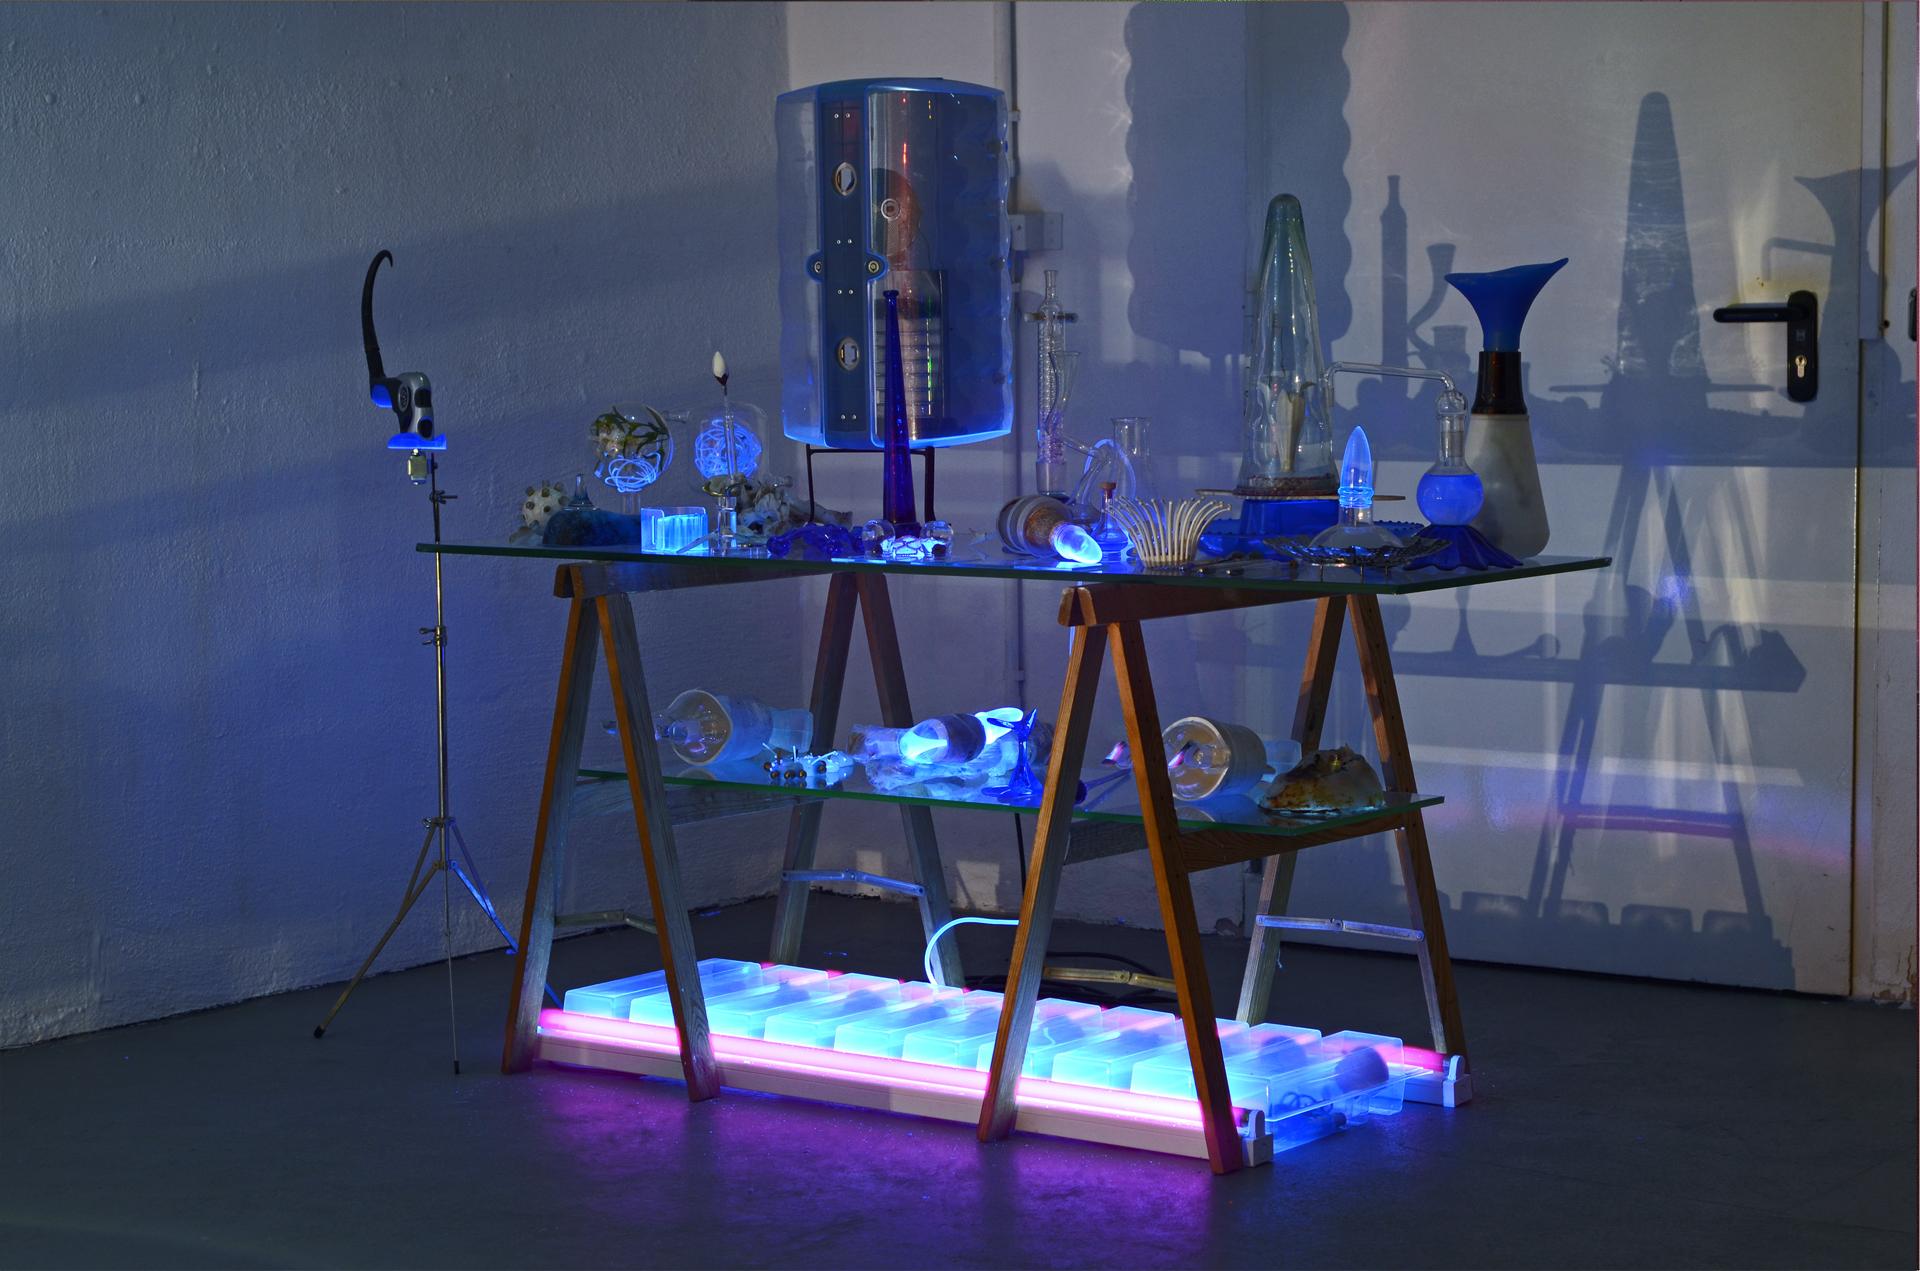 Ausstellungsansicht der Installation Transnature von Stefan Zoellner im Saarländischen Künstlerhaus | Blauer Labortisch